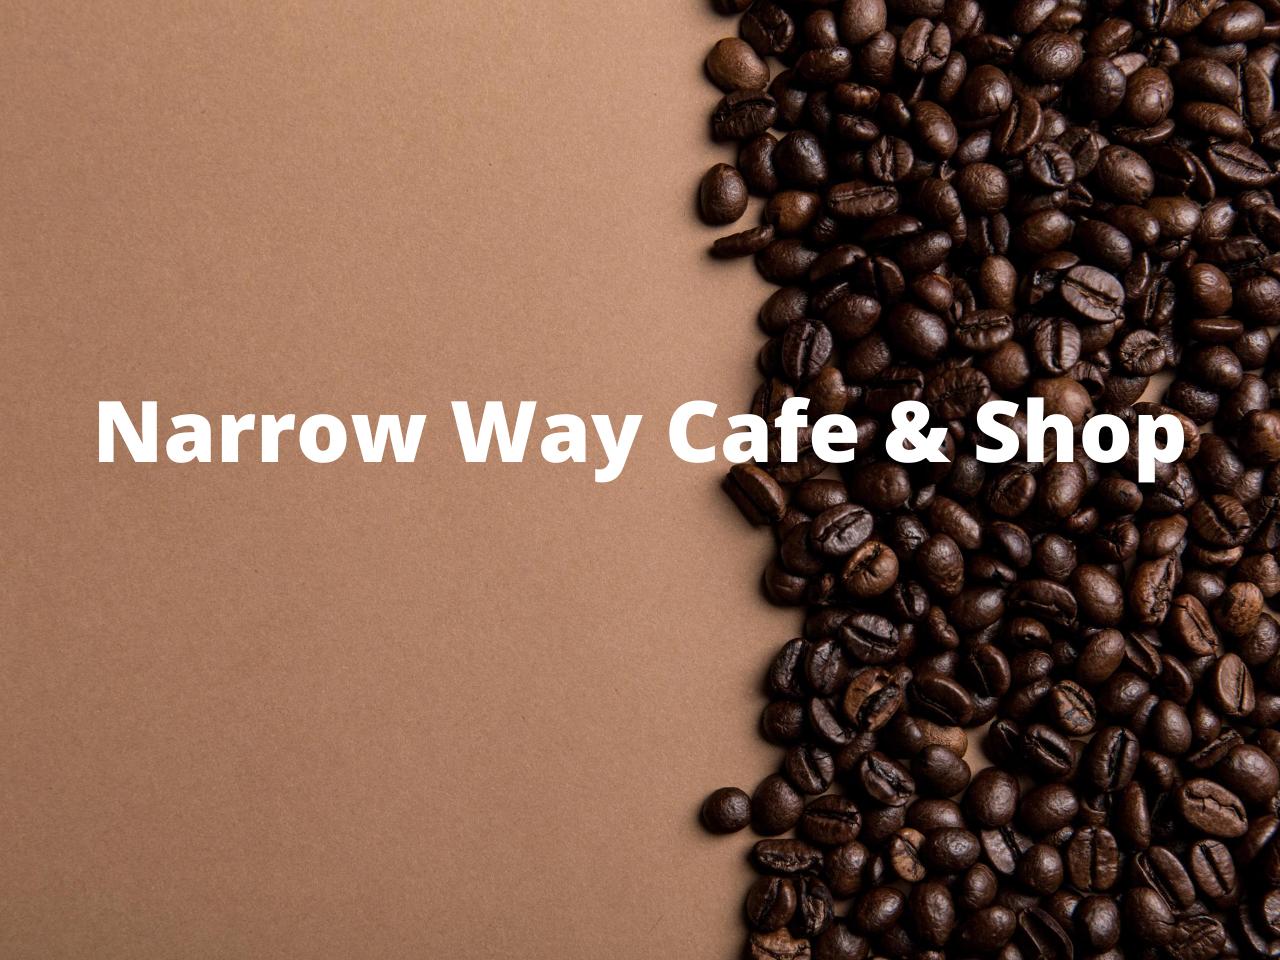 Narrow Way Cafe & Shop